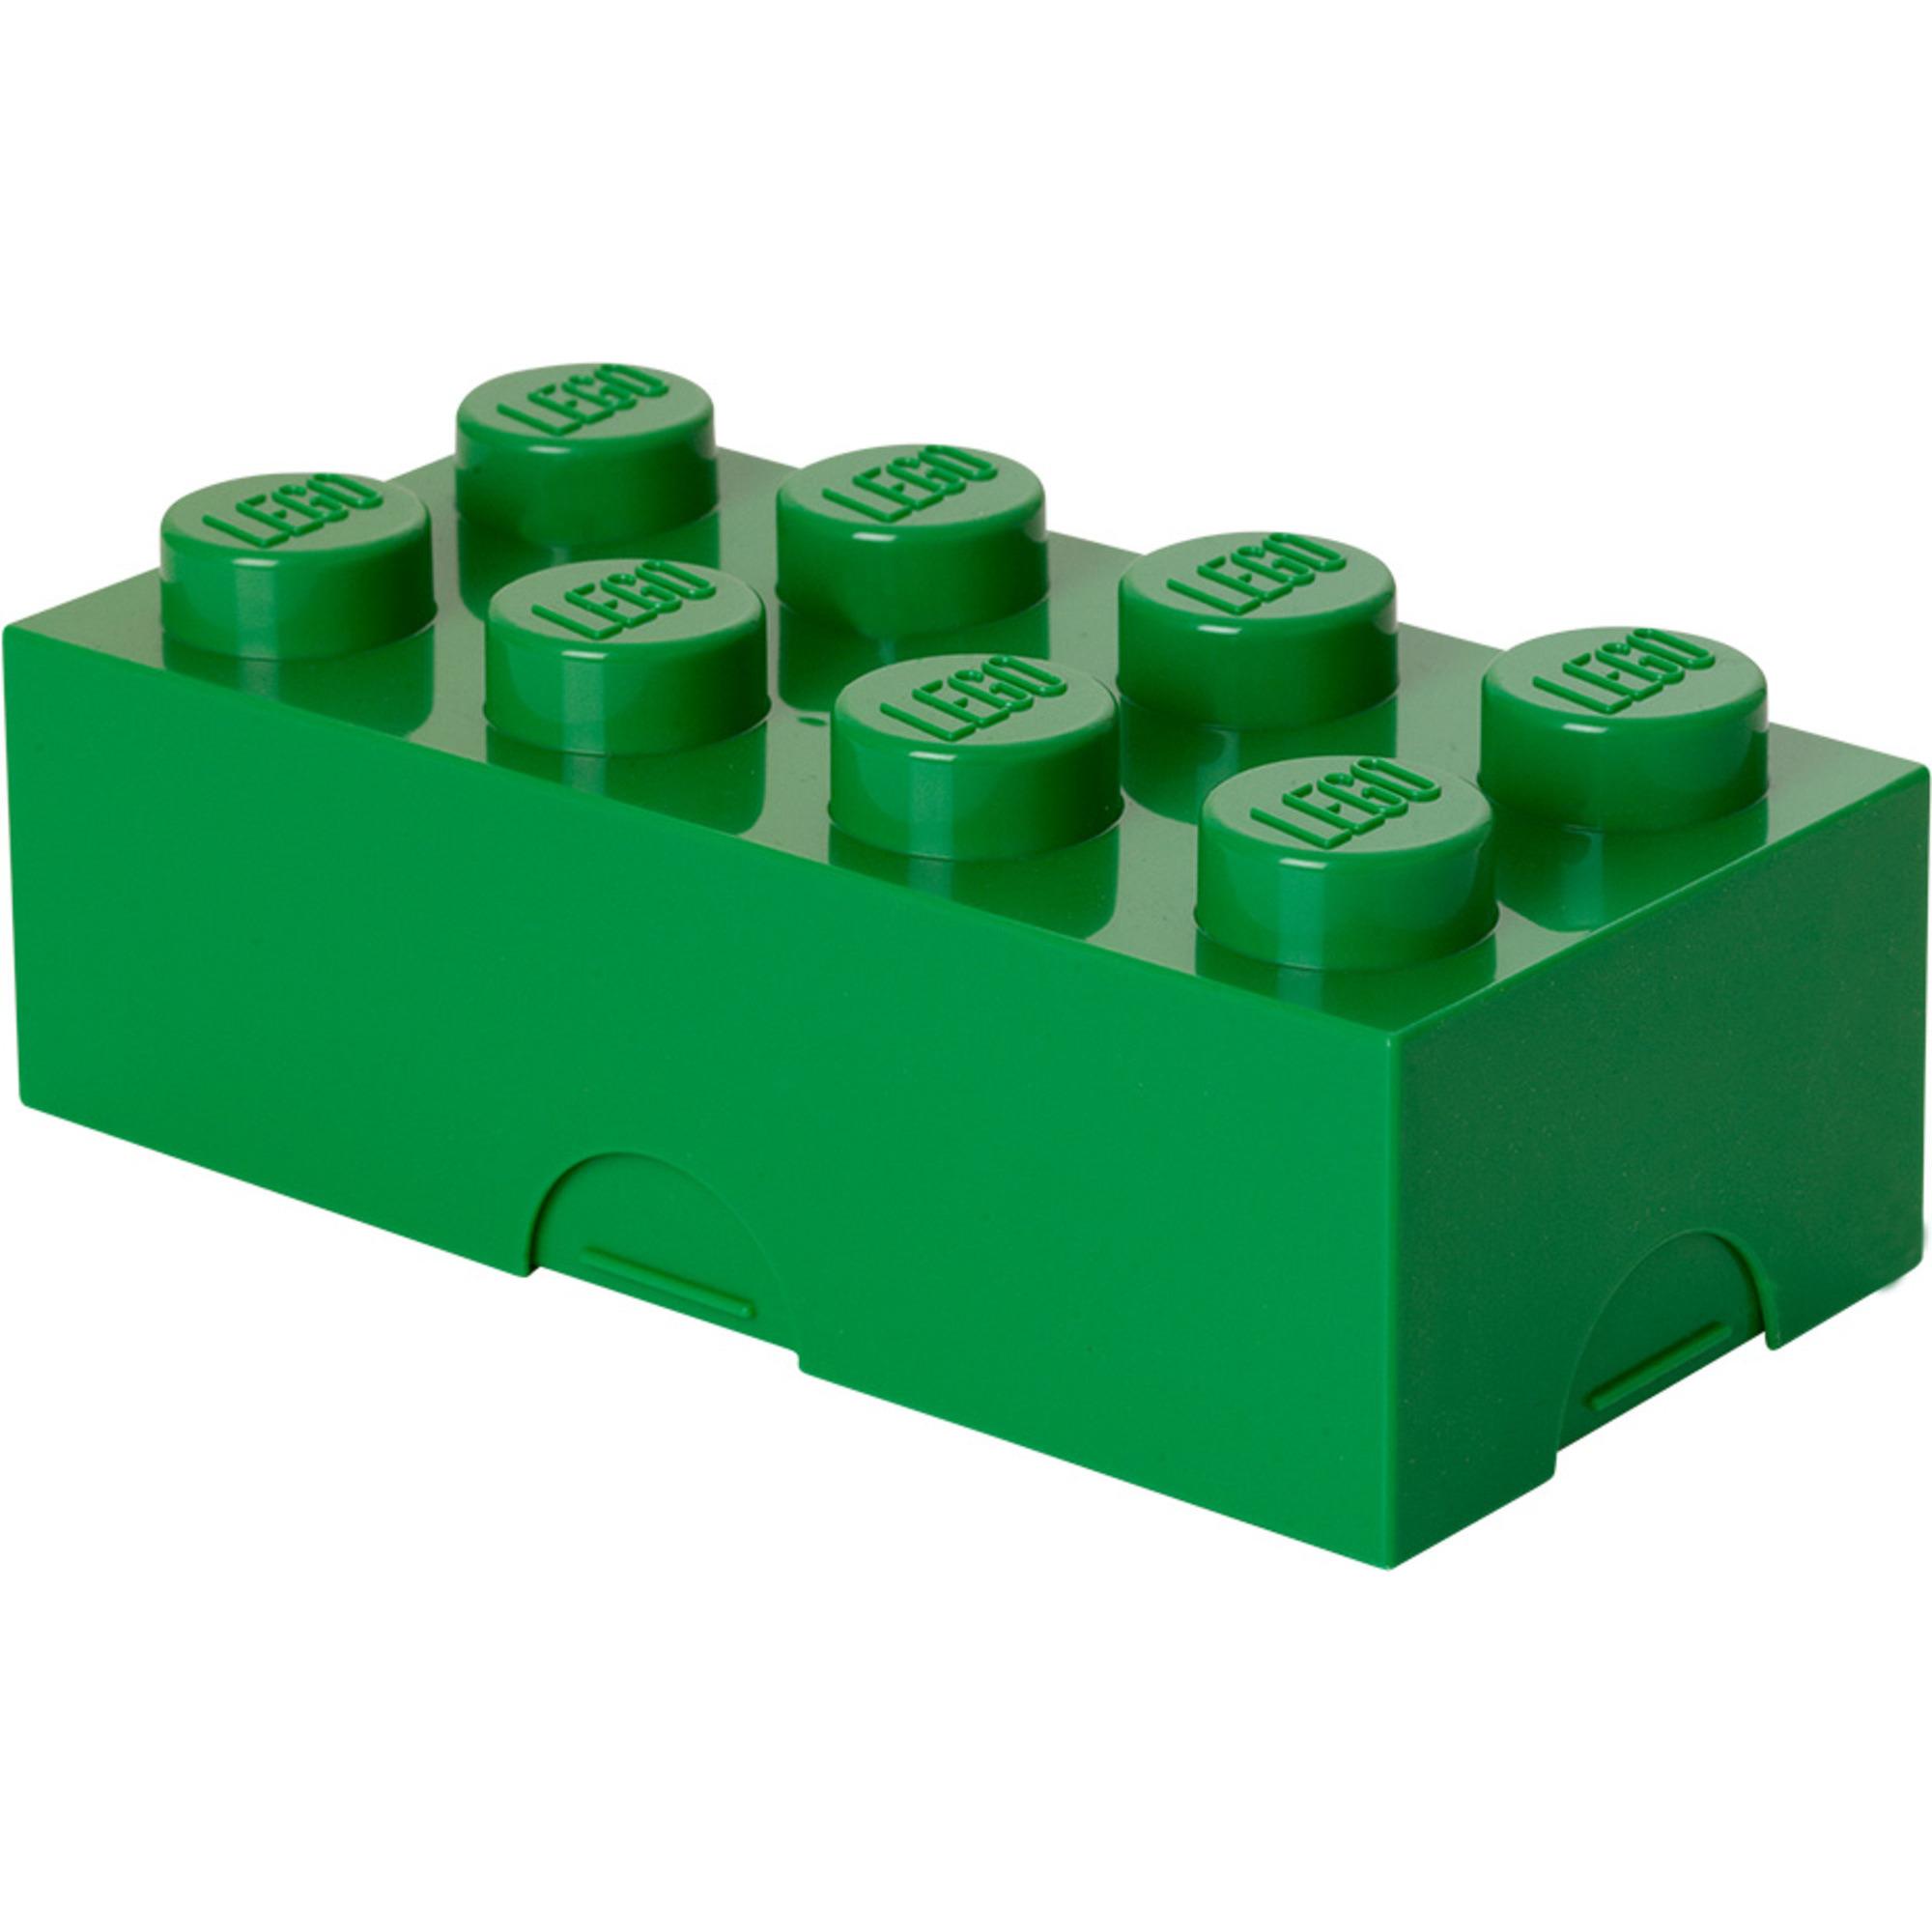 LEGO Matlåda Classic Grön